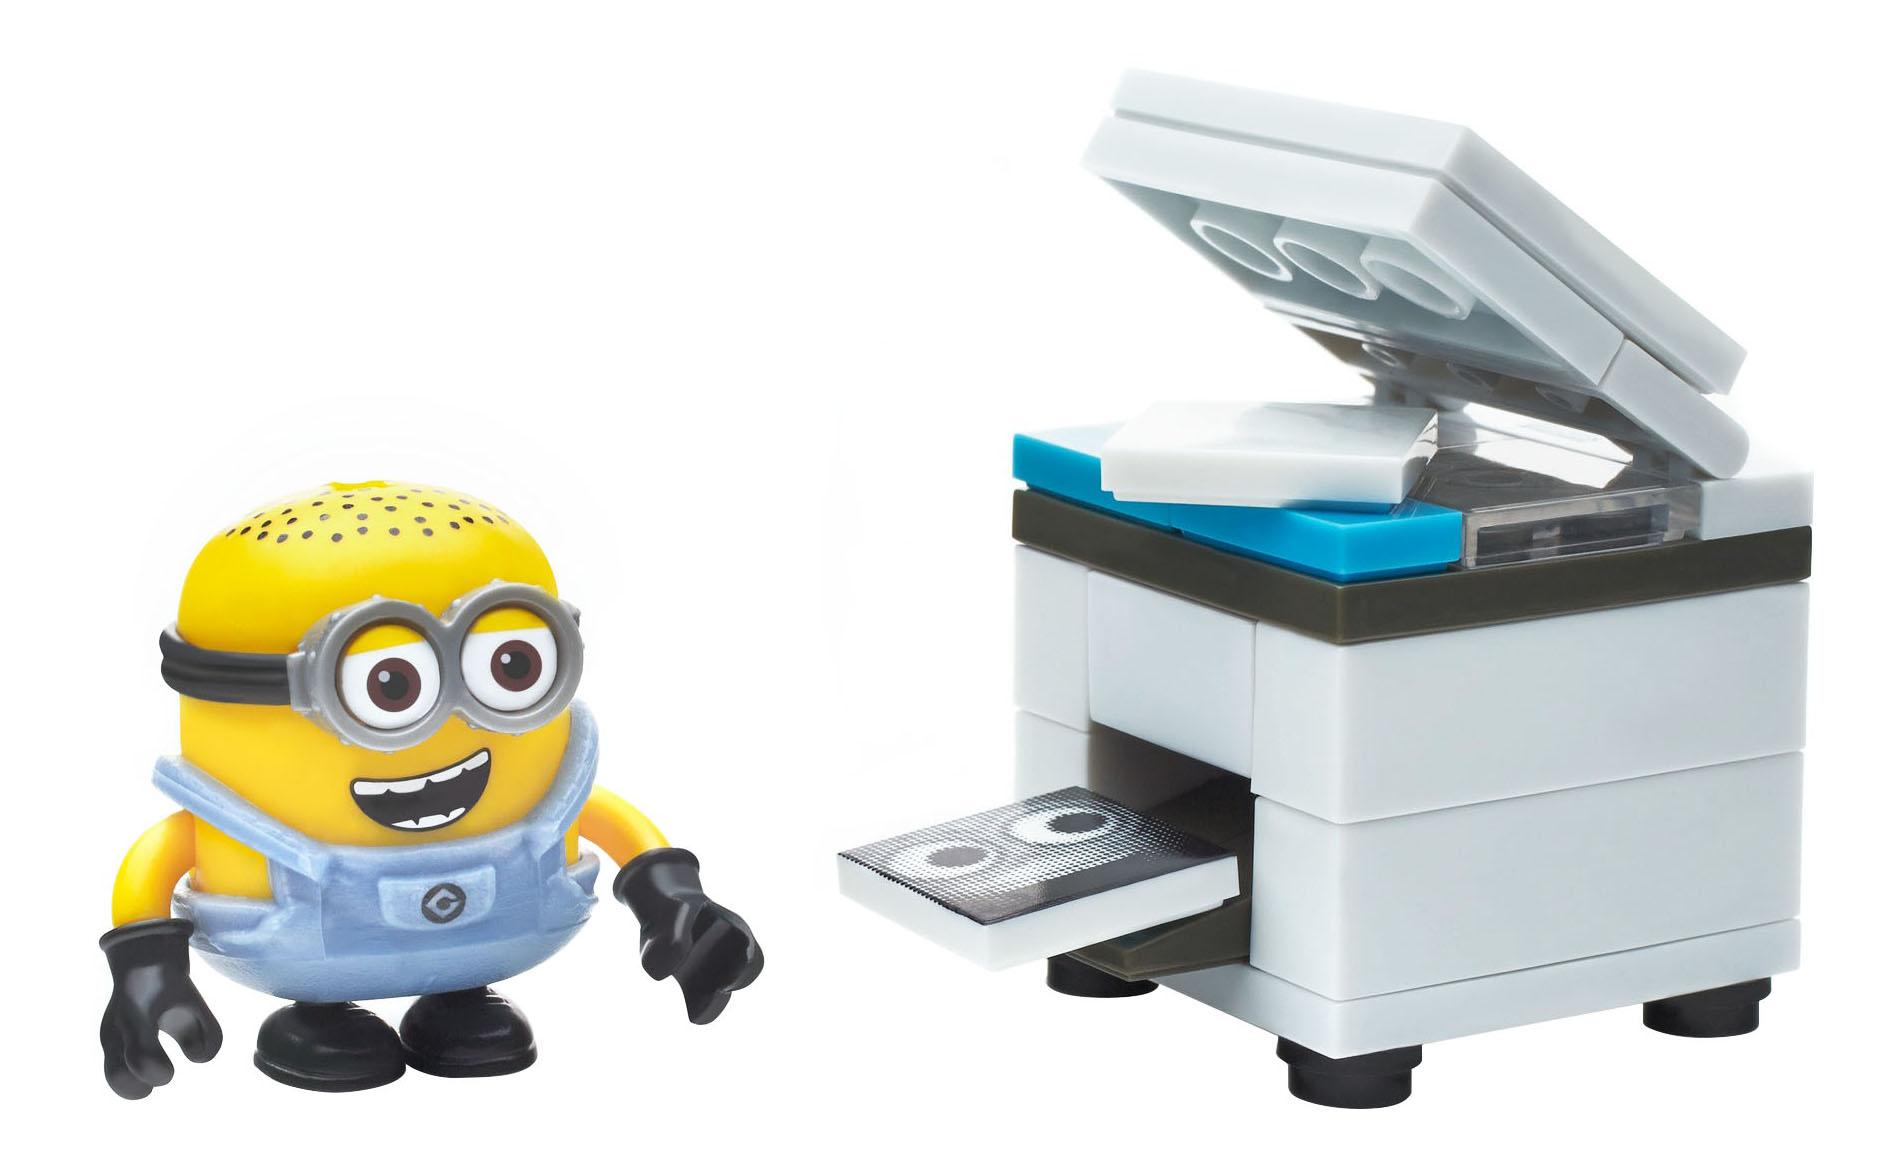 Купить Игровой набор Mega Bloks® Миньоны весёлые мини игровые наборы DMV20 DKY82, Mattel, Игровые наборы